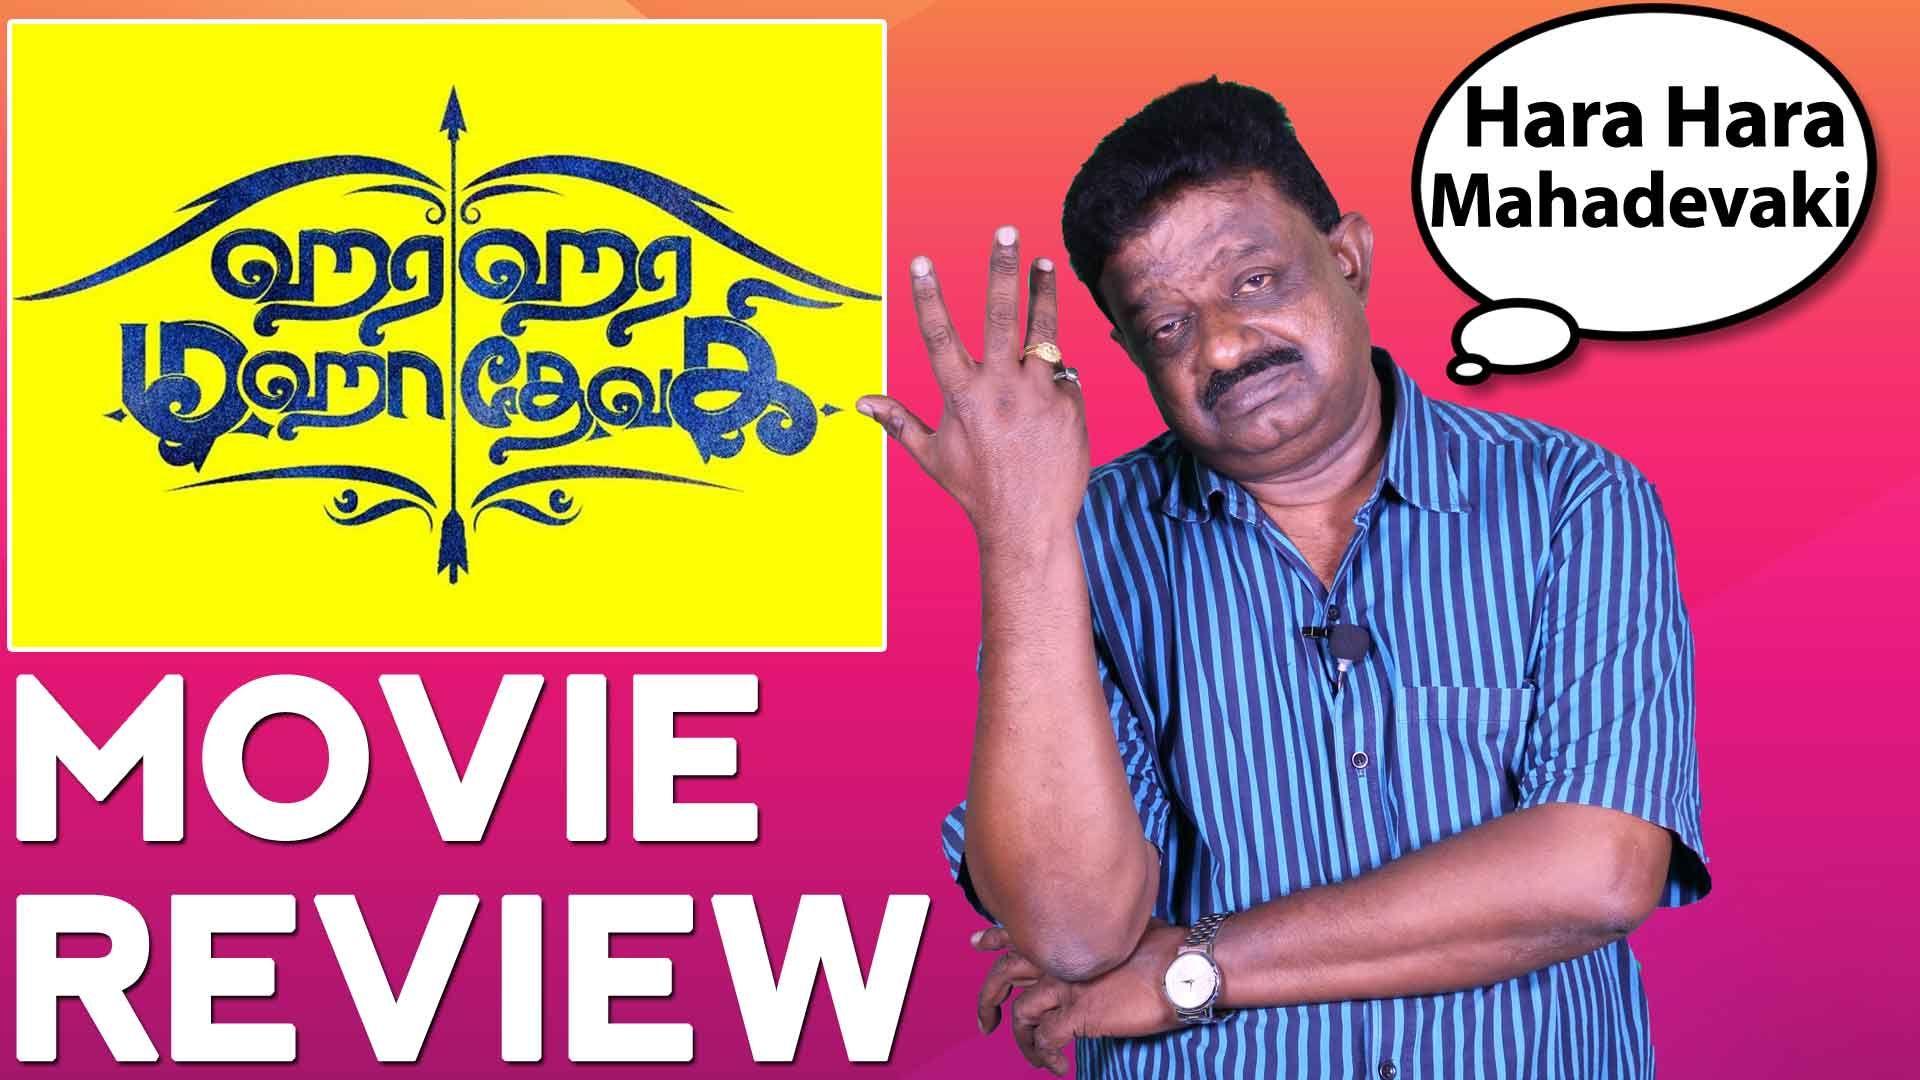 Hara hara mahadevaki movie review gautham karthik